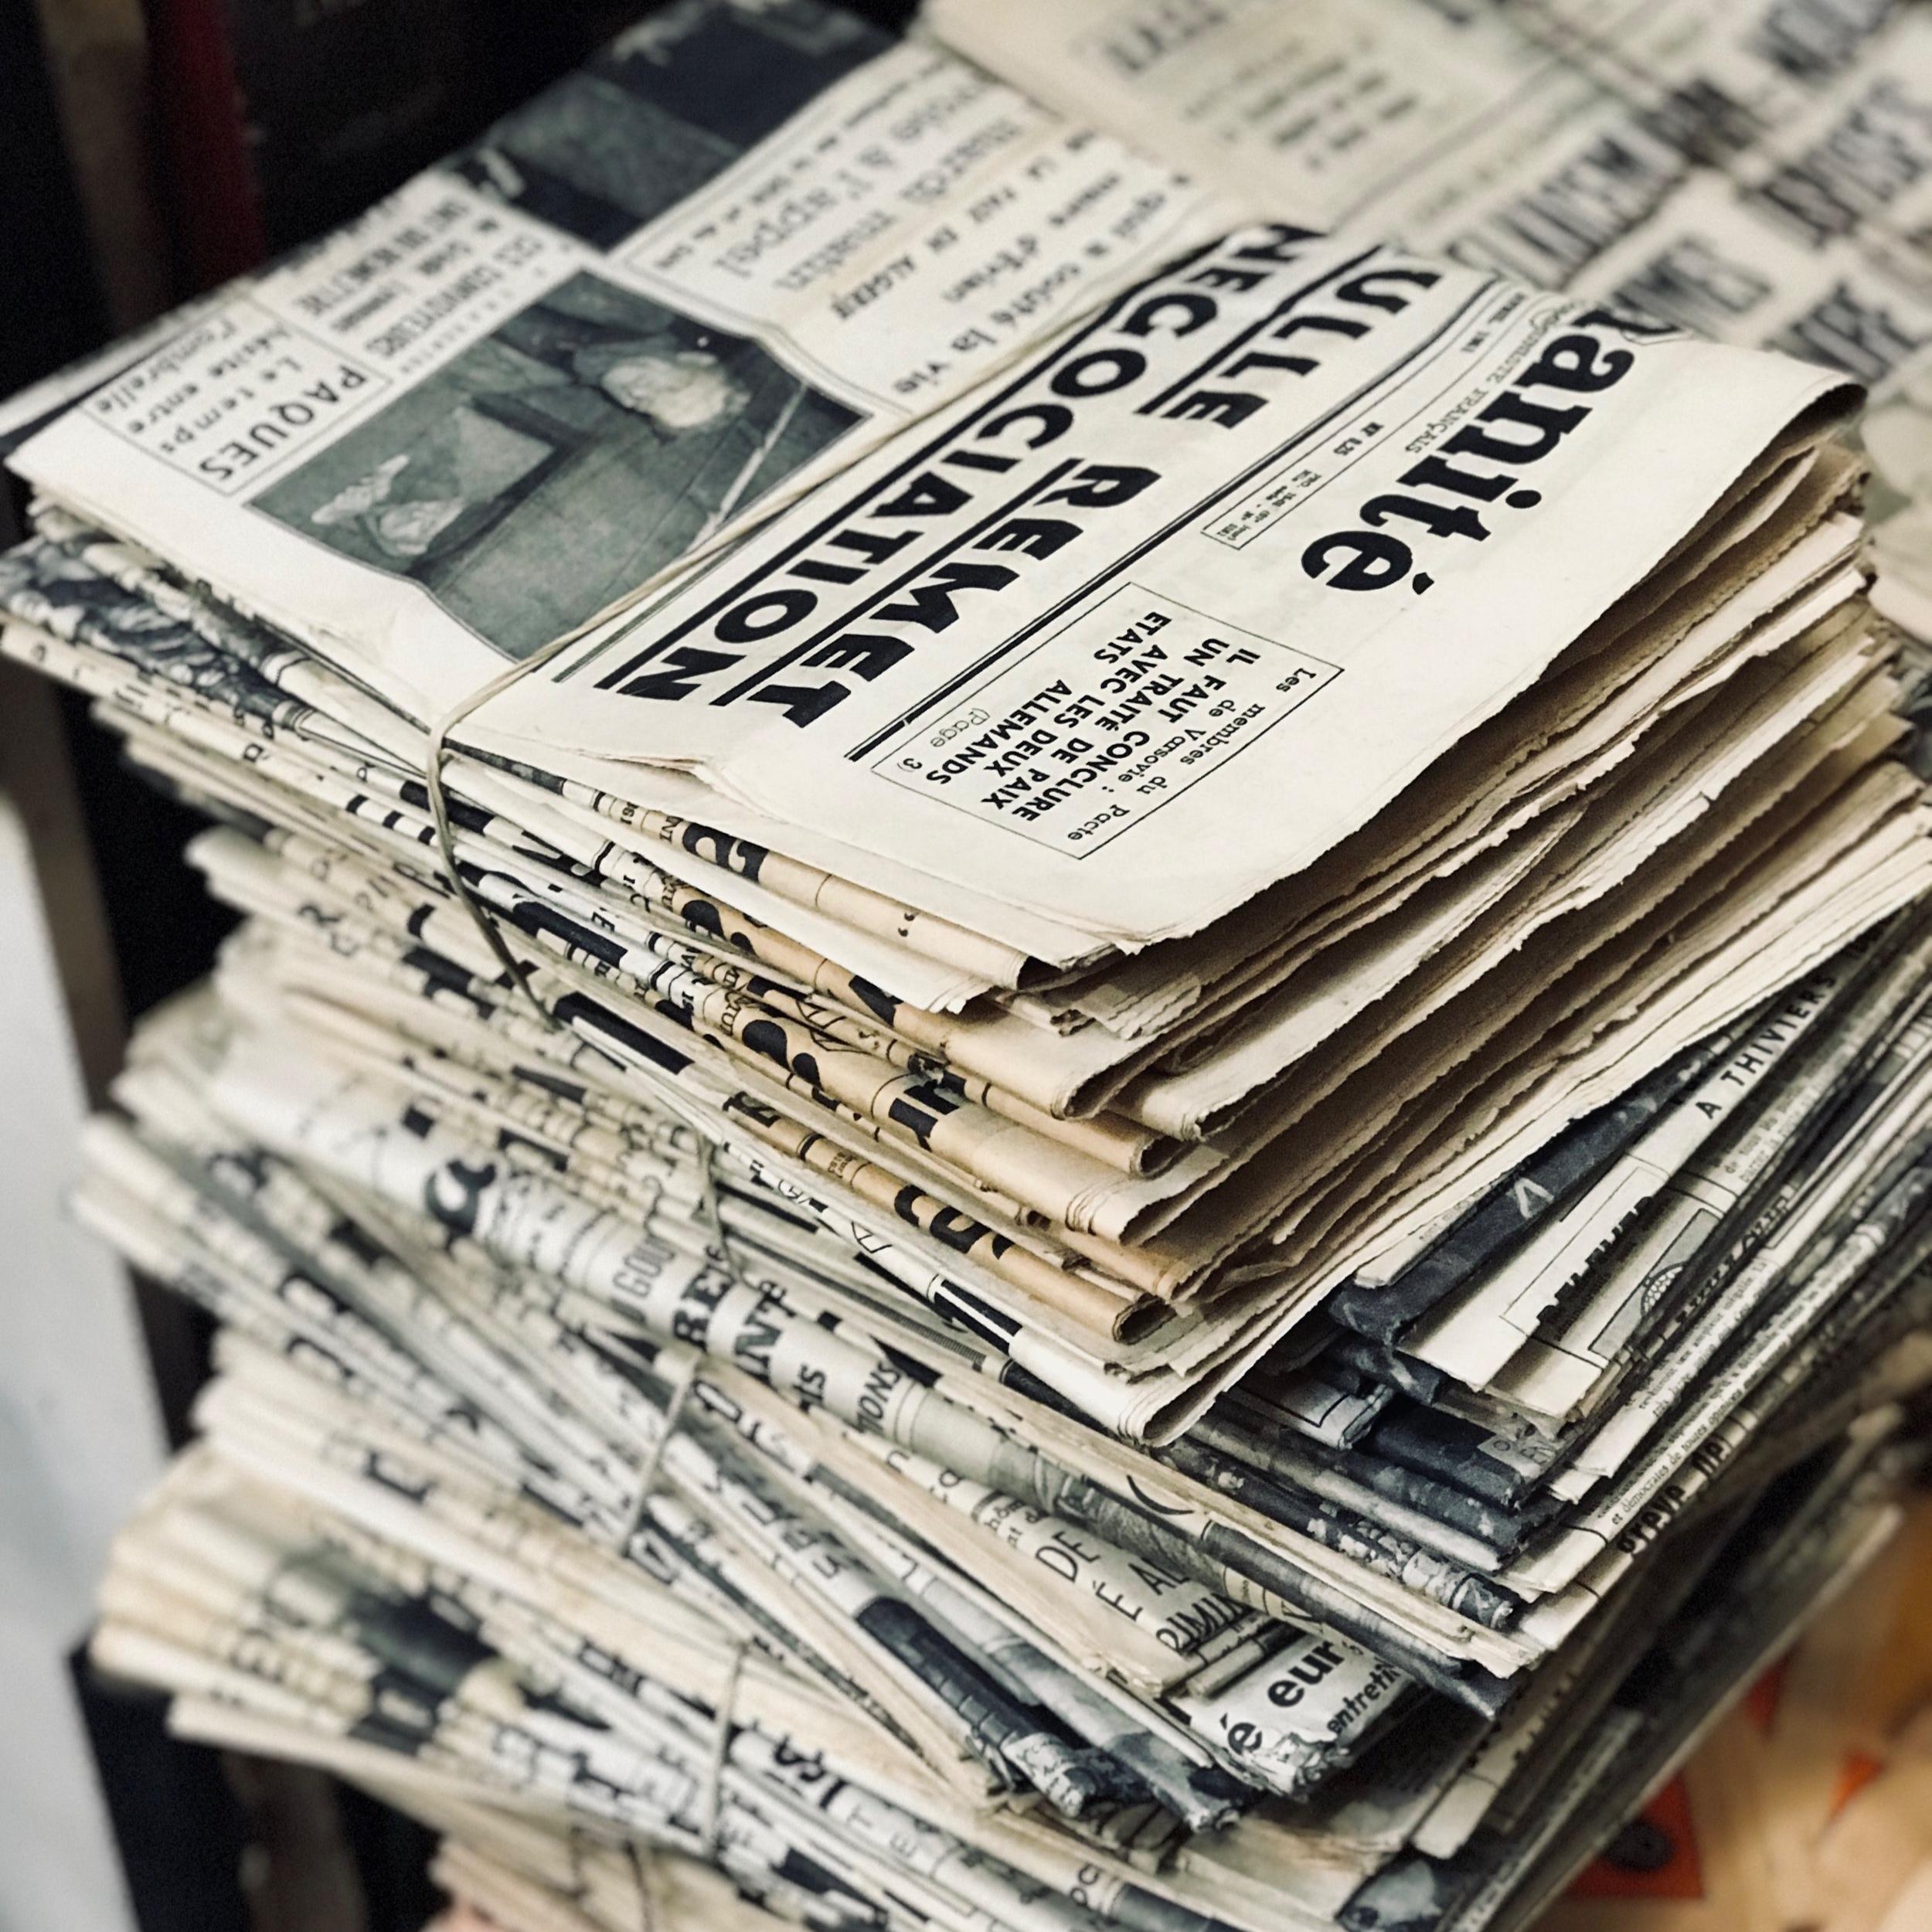 Press. - Tudor Franklin in the News.